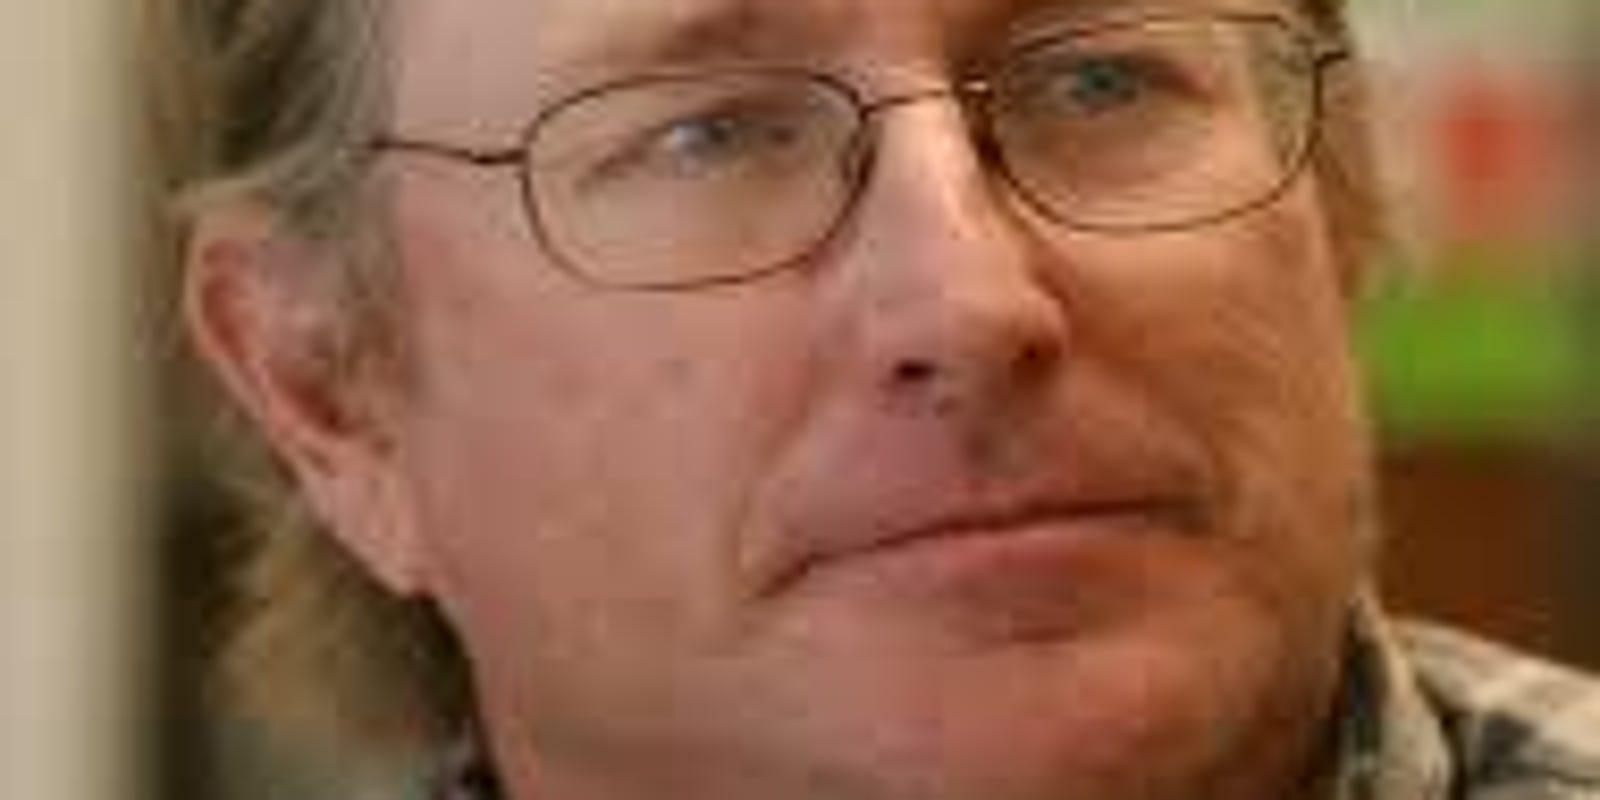 Sex offender runs for school board